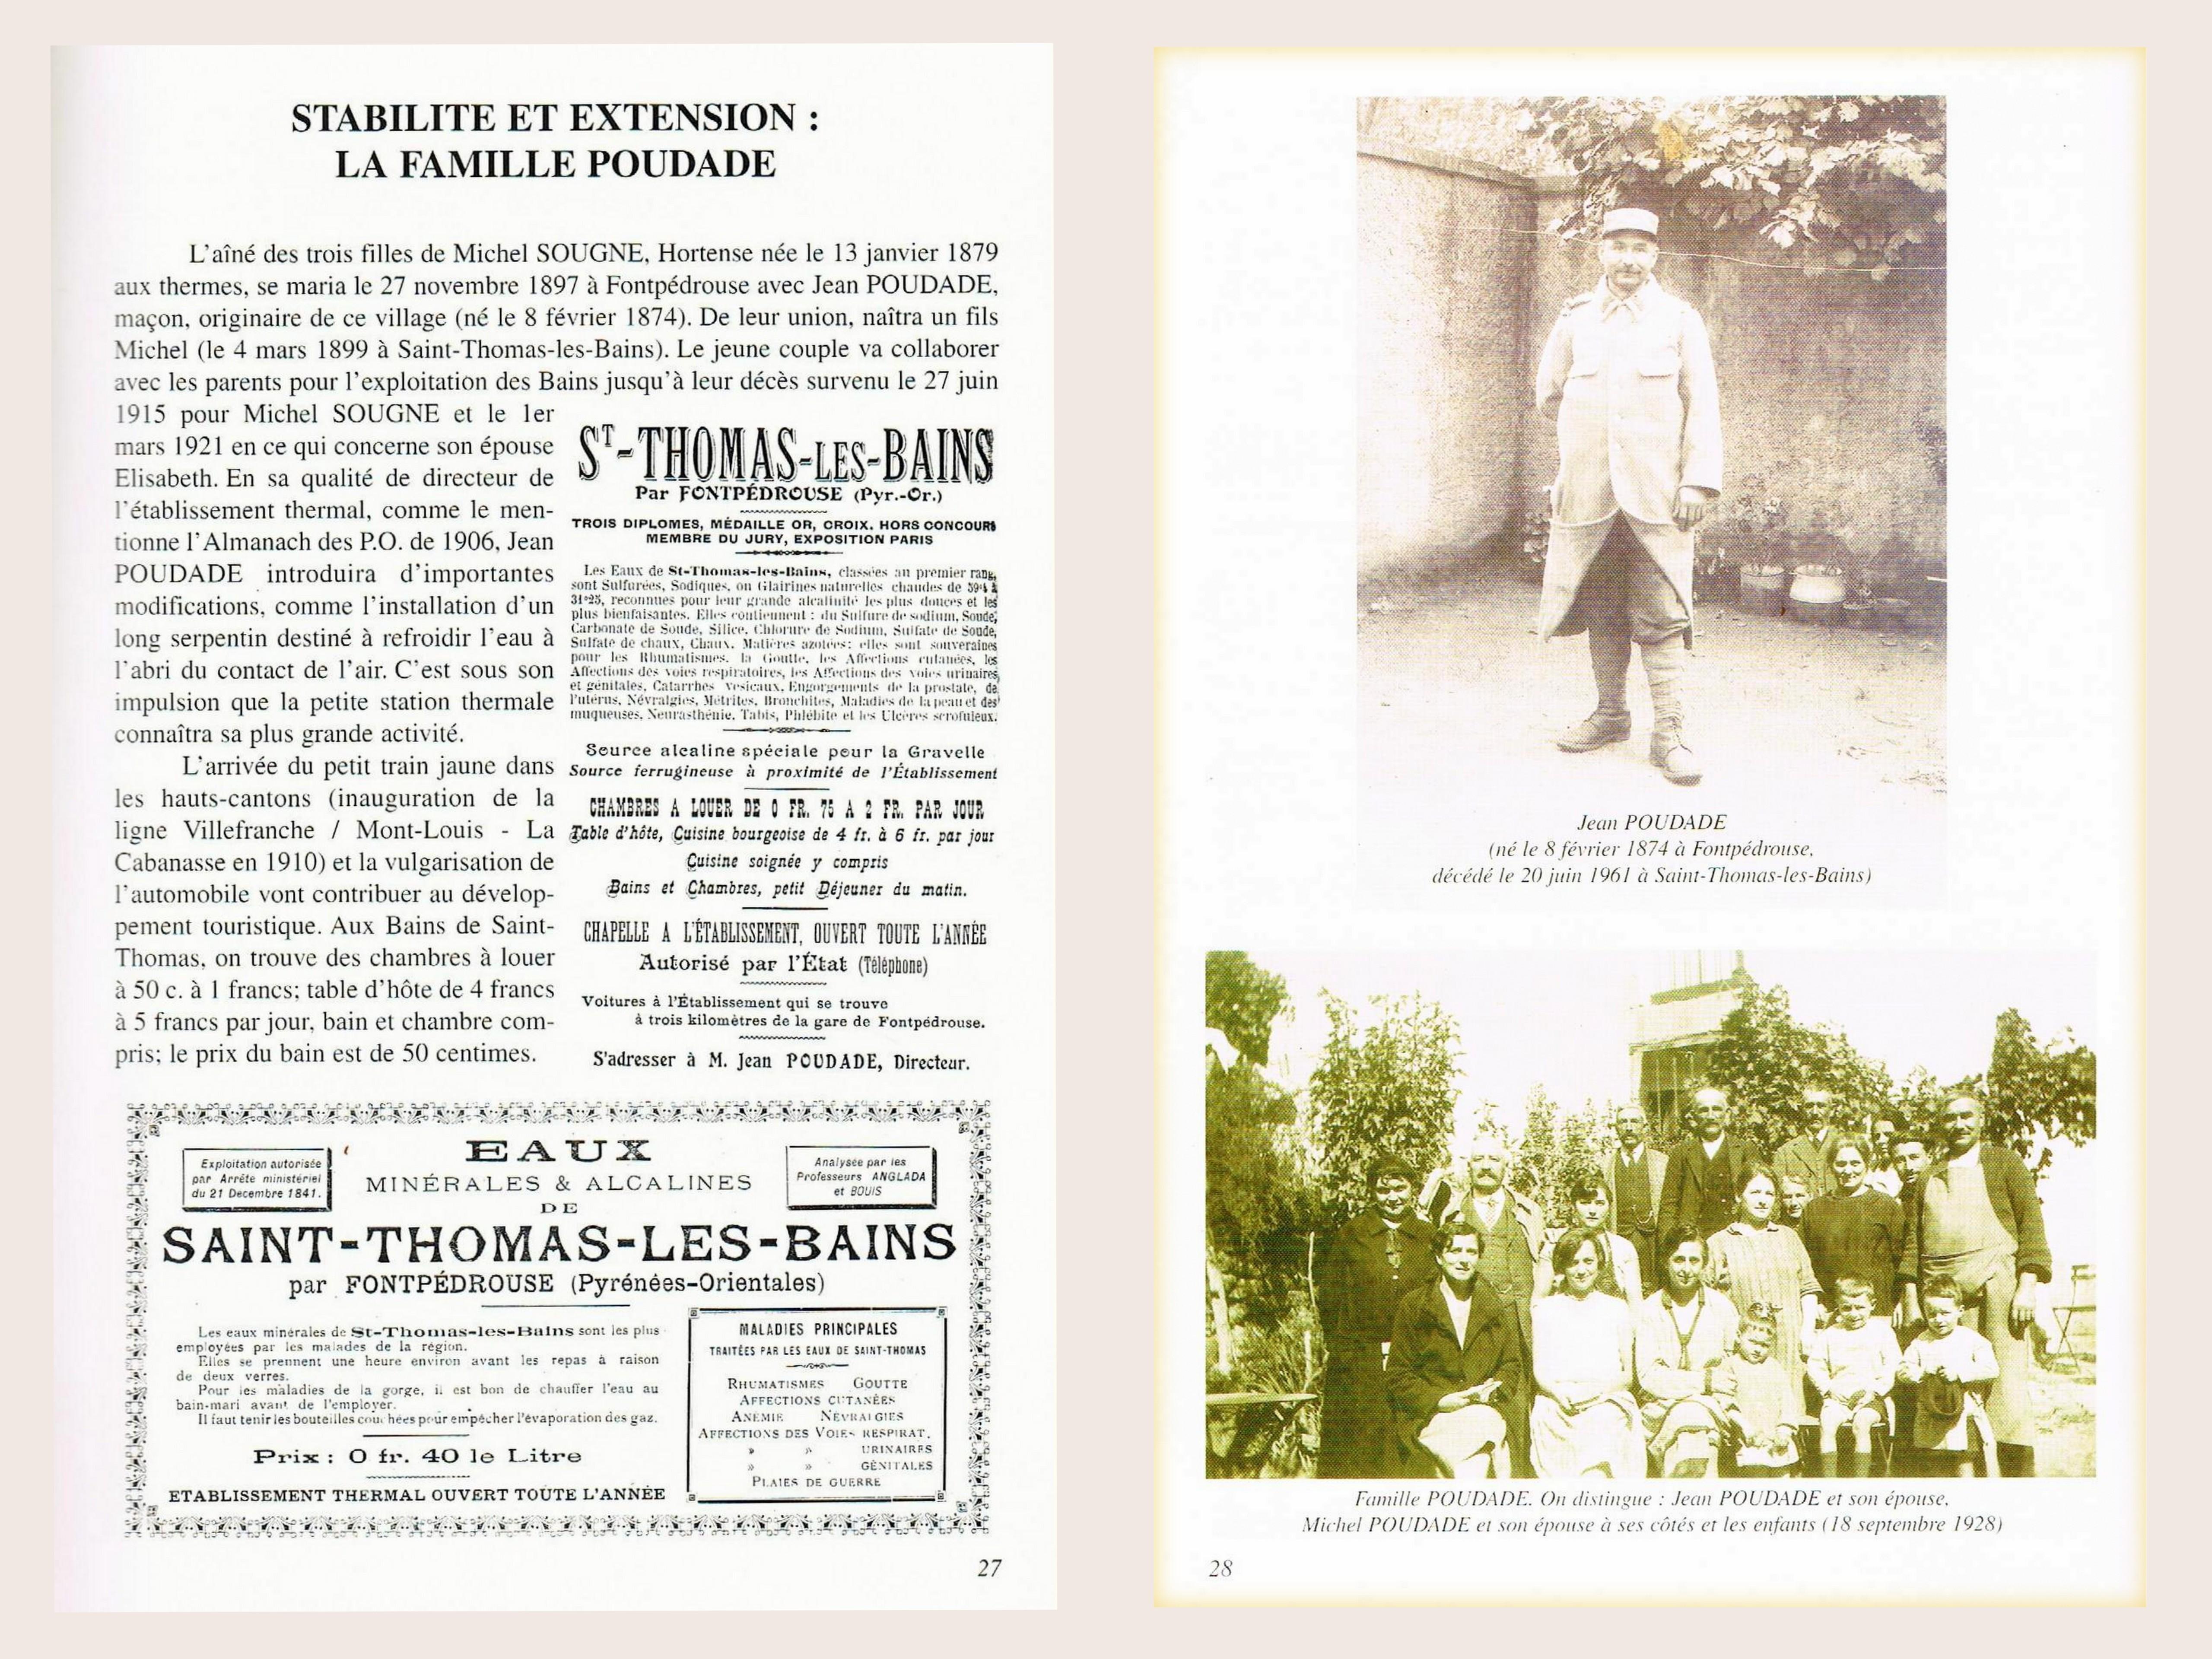 POUDADE_portrait_et_famille_001.jpg